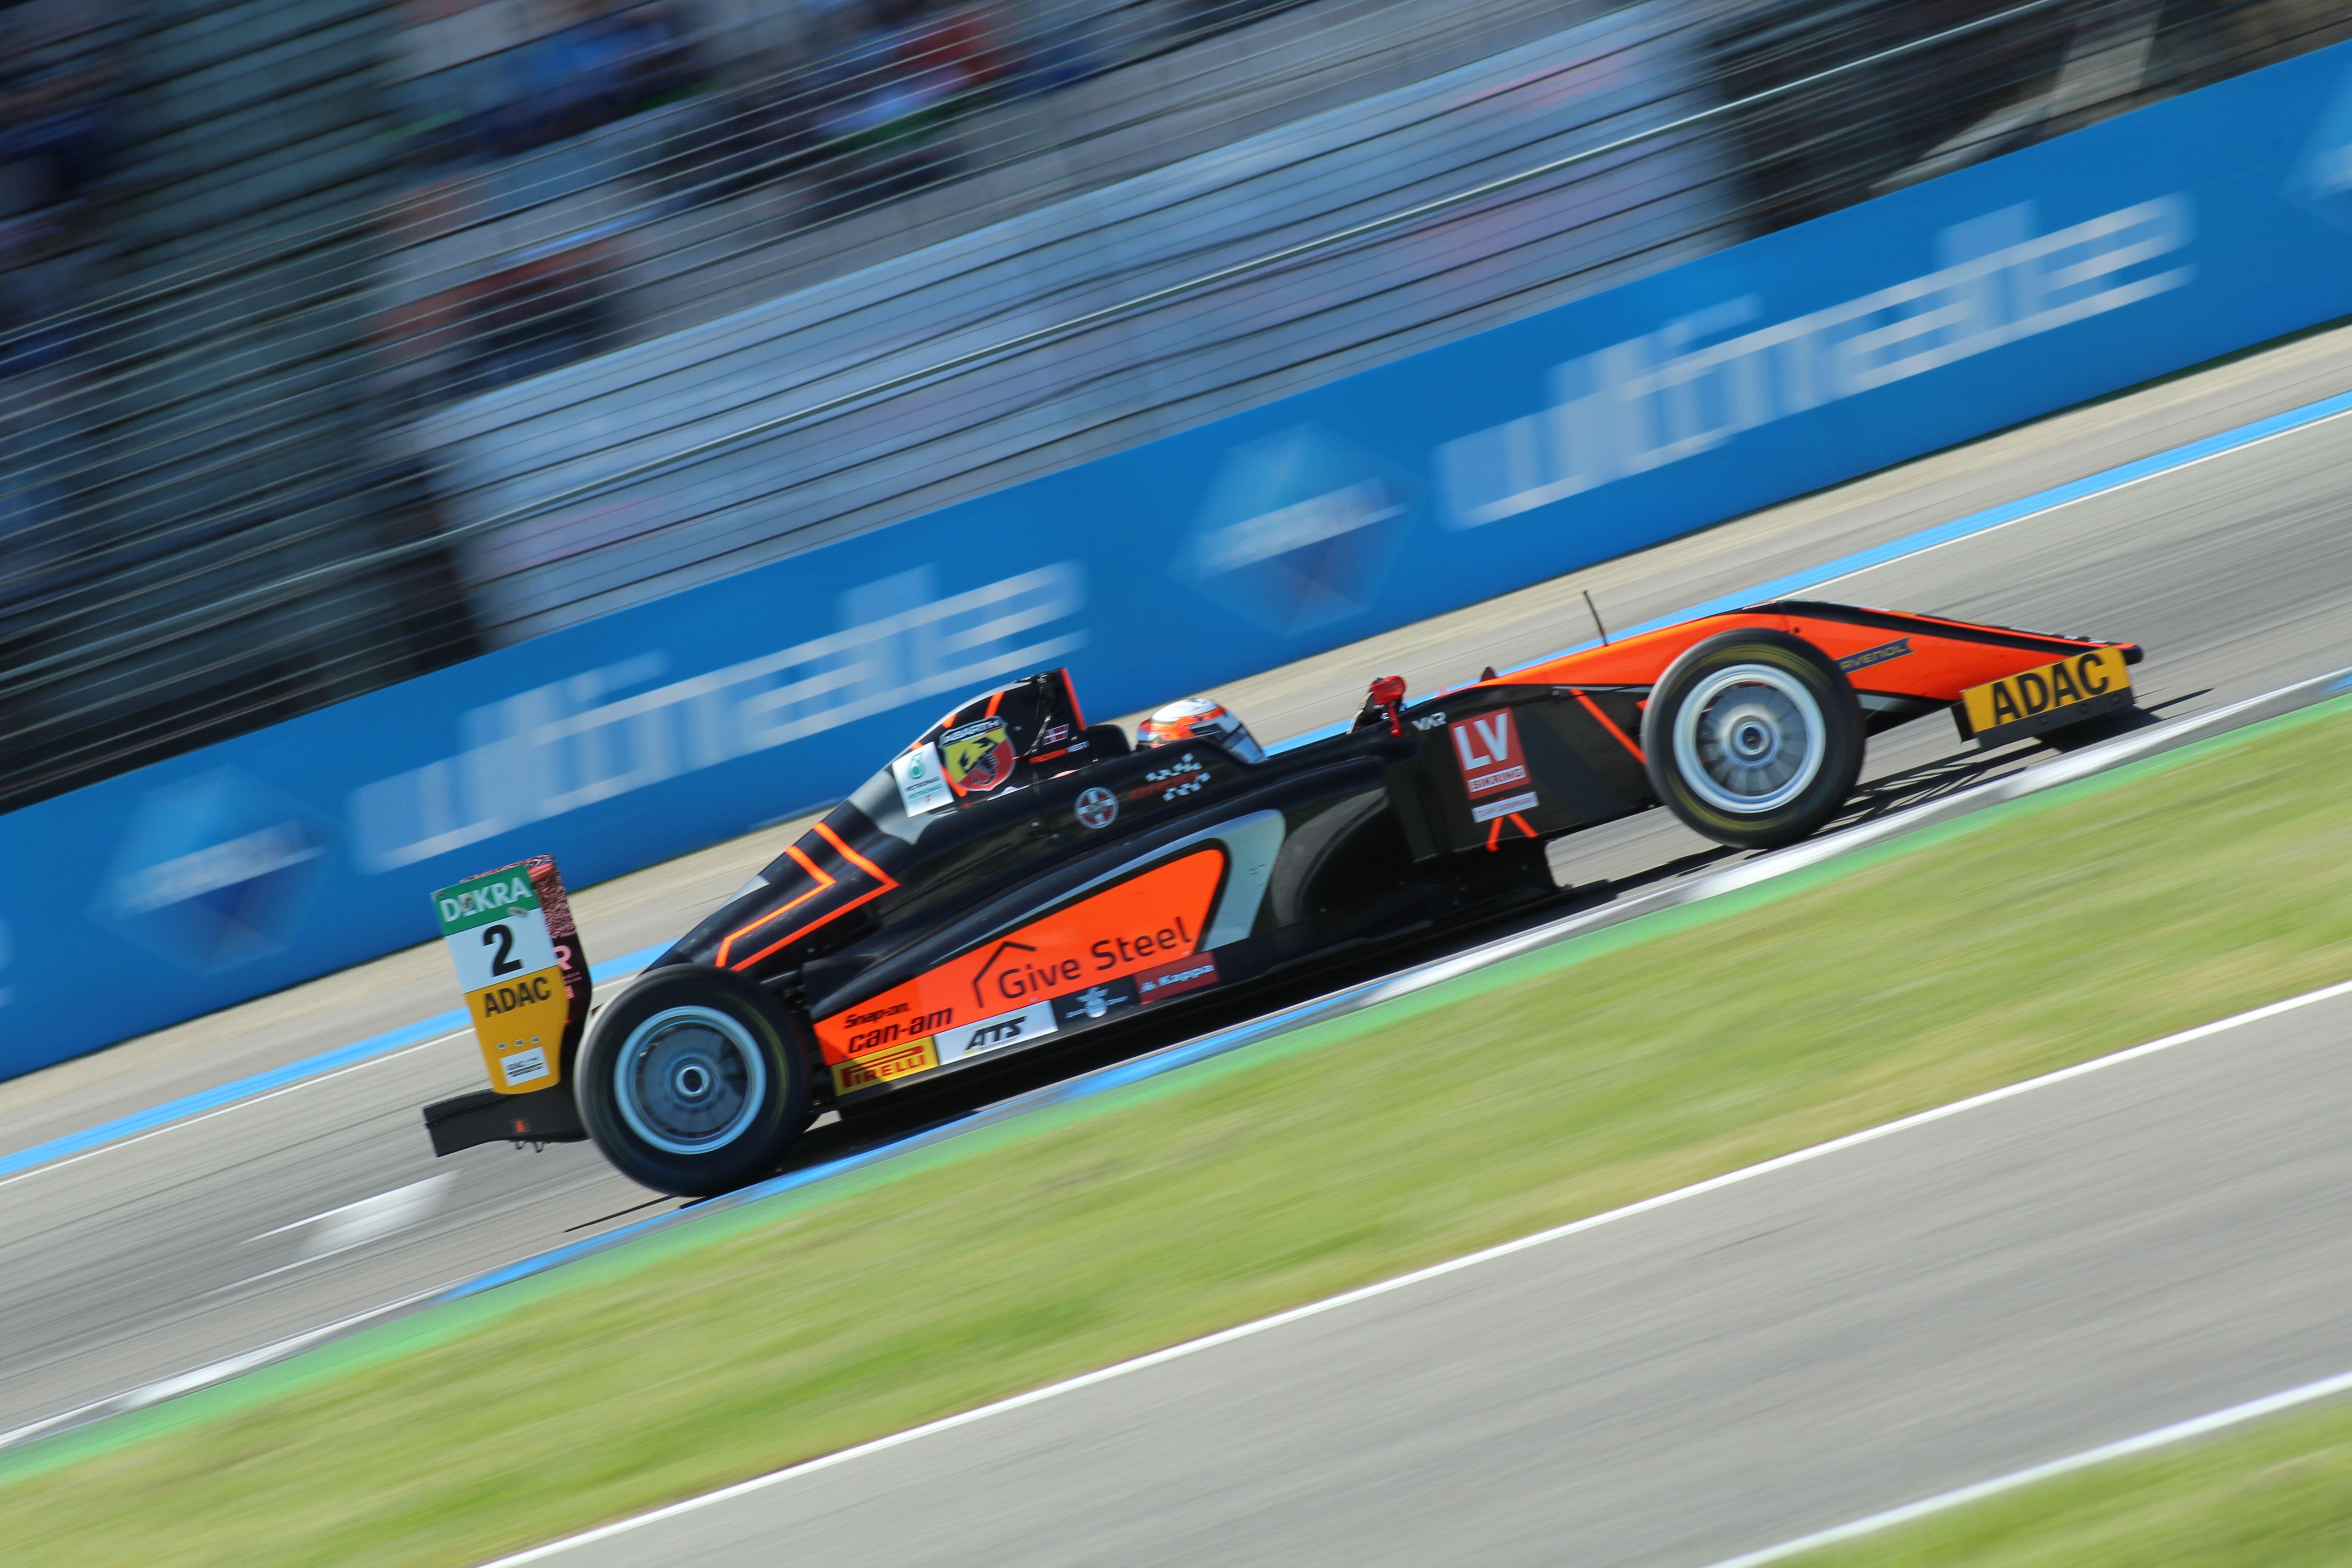 ADAC Formula 4 – Racing24-7.net